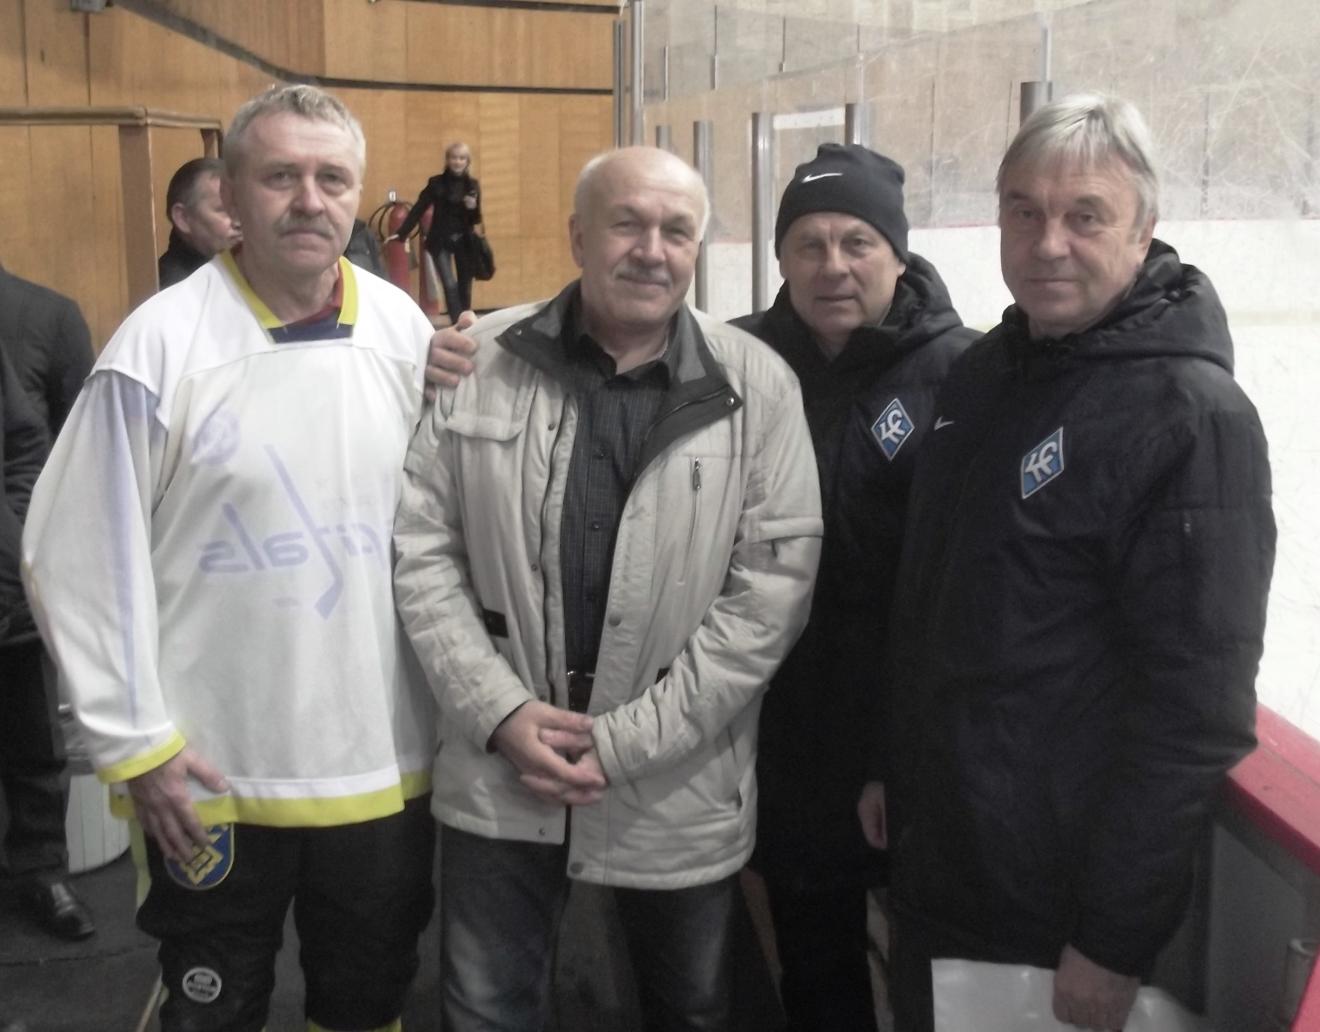 Организаторы и гости турнира, слева направо: Александр Плохов (председатель Федерации хоккея с мячом г. Тольятти), Евгений Красюков (тренер сб. Тольятти по хоккею с мячом), Равиль Аряпов и Валерьян Панфилов.